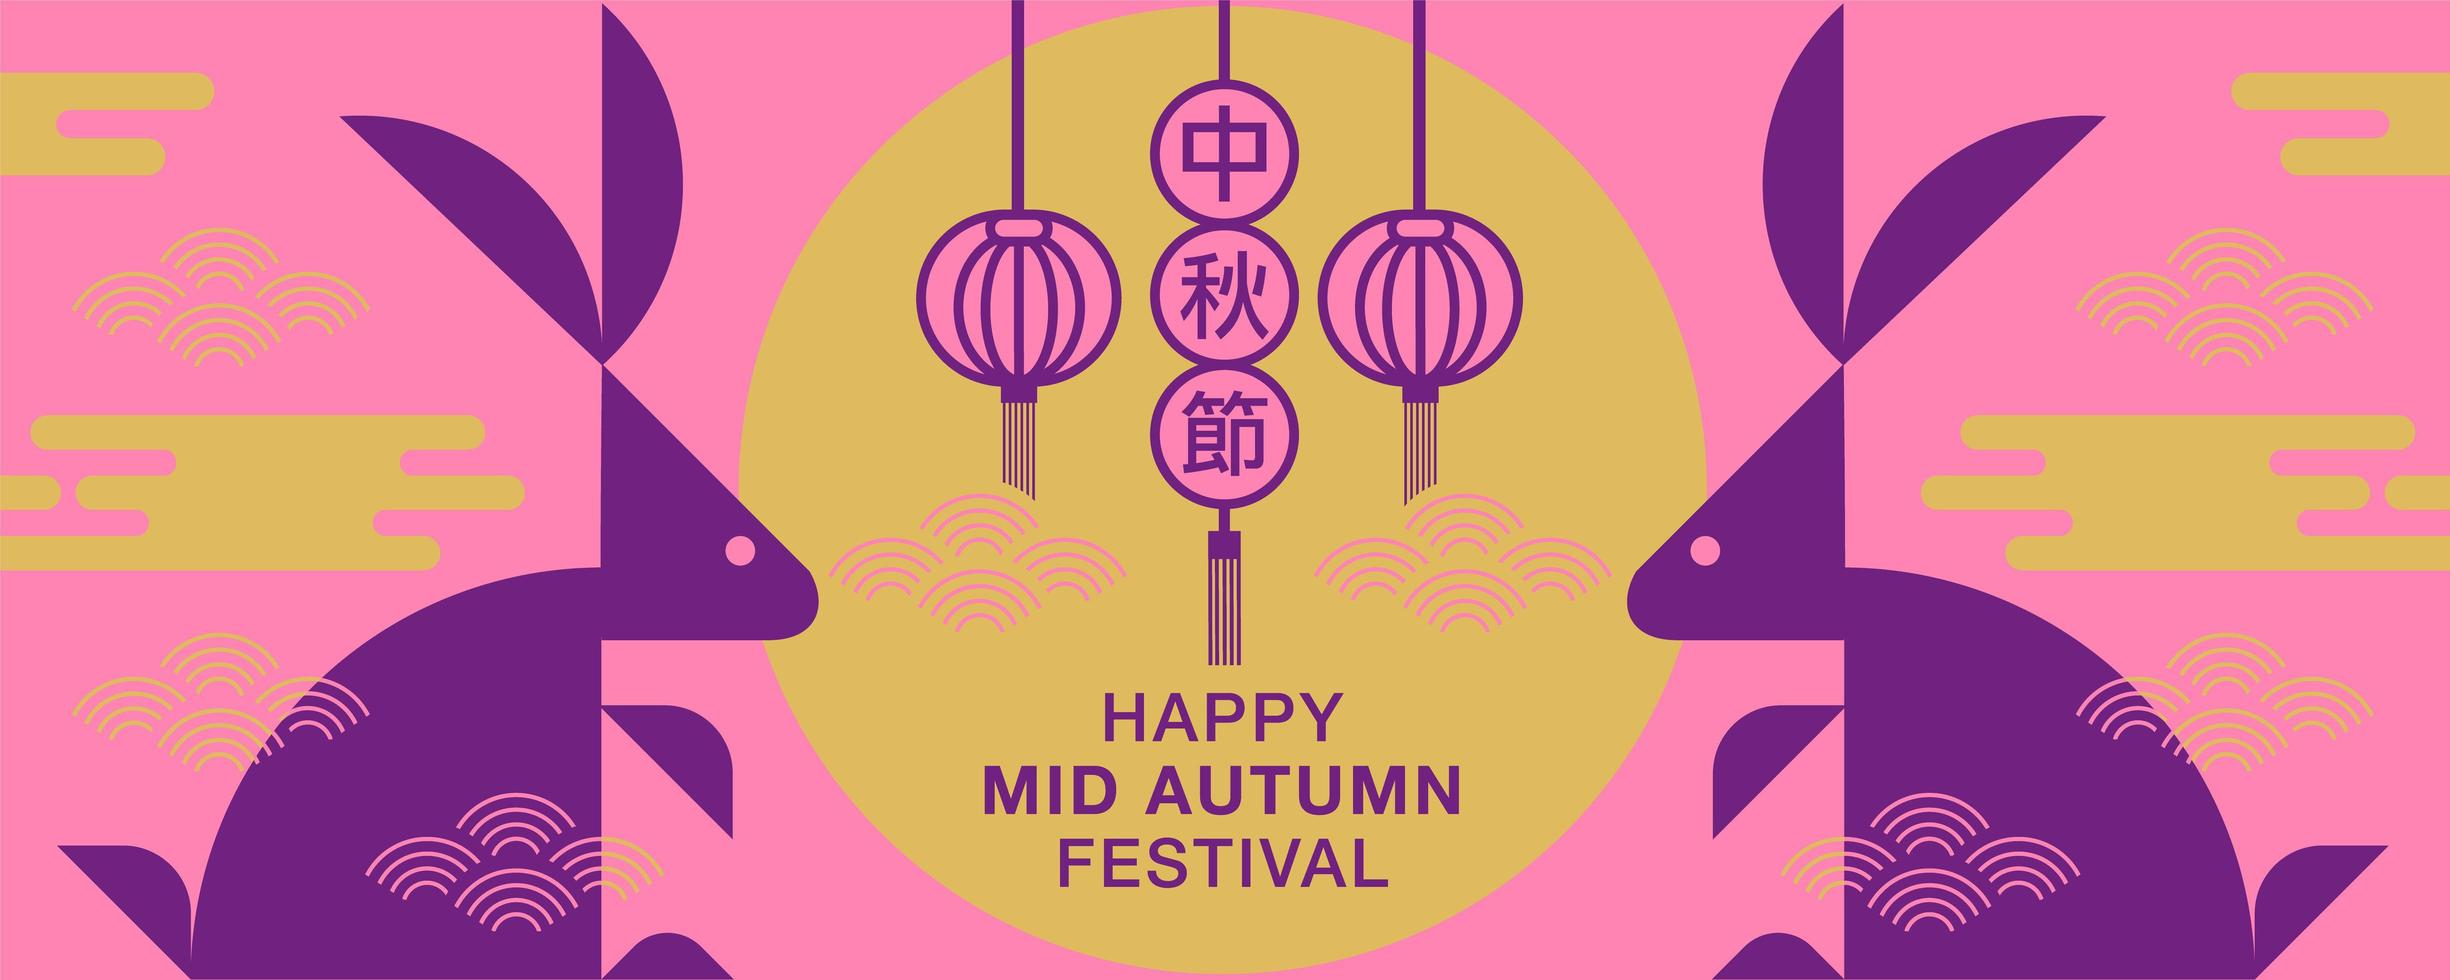 glad mitten av hösten festival banner med lila kaniner vektor